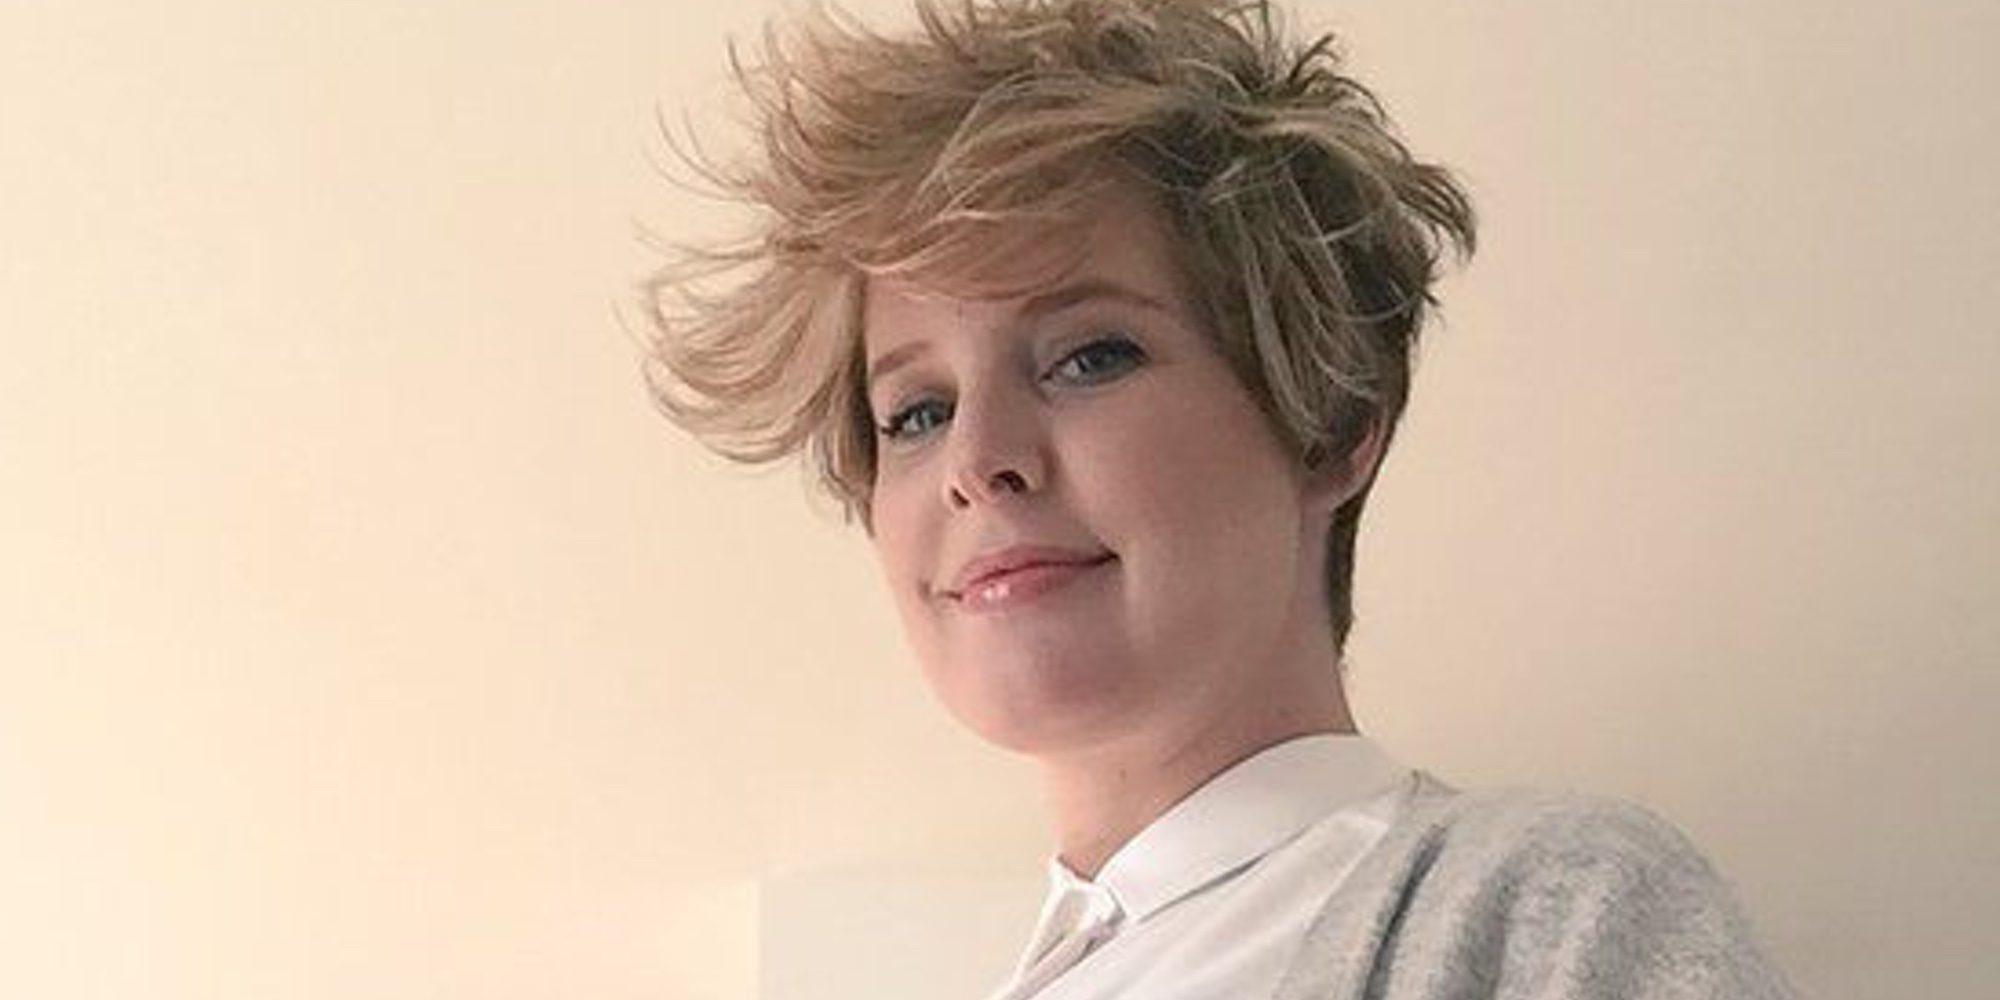 Tania Llasera contesta a quienes la tachan de 'mala madre' por programar la cesárea de su hija Lucy Lennox